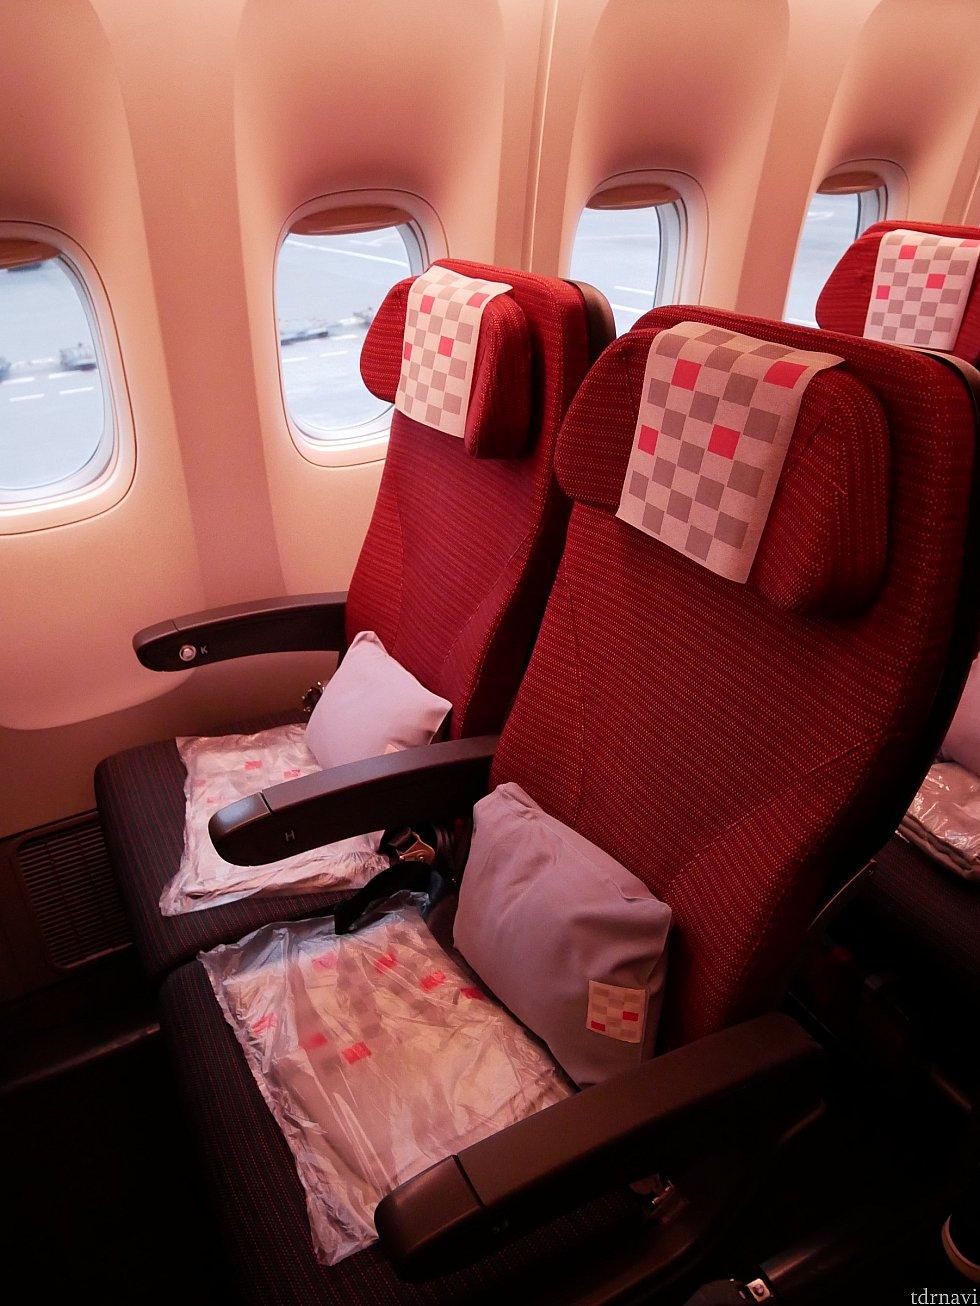 エコノミーの座席です。行きも帰りも新間隔エコノミーが導入されている機体で、座席配置は3-4-2でした。行きは2名席が取れました✨